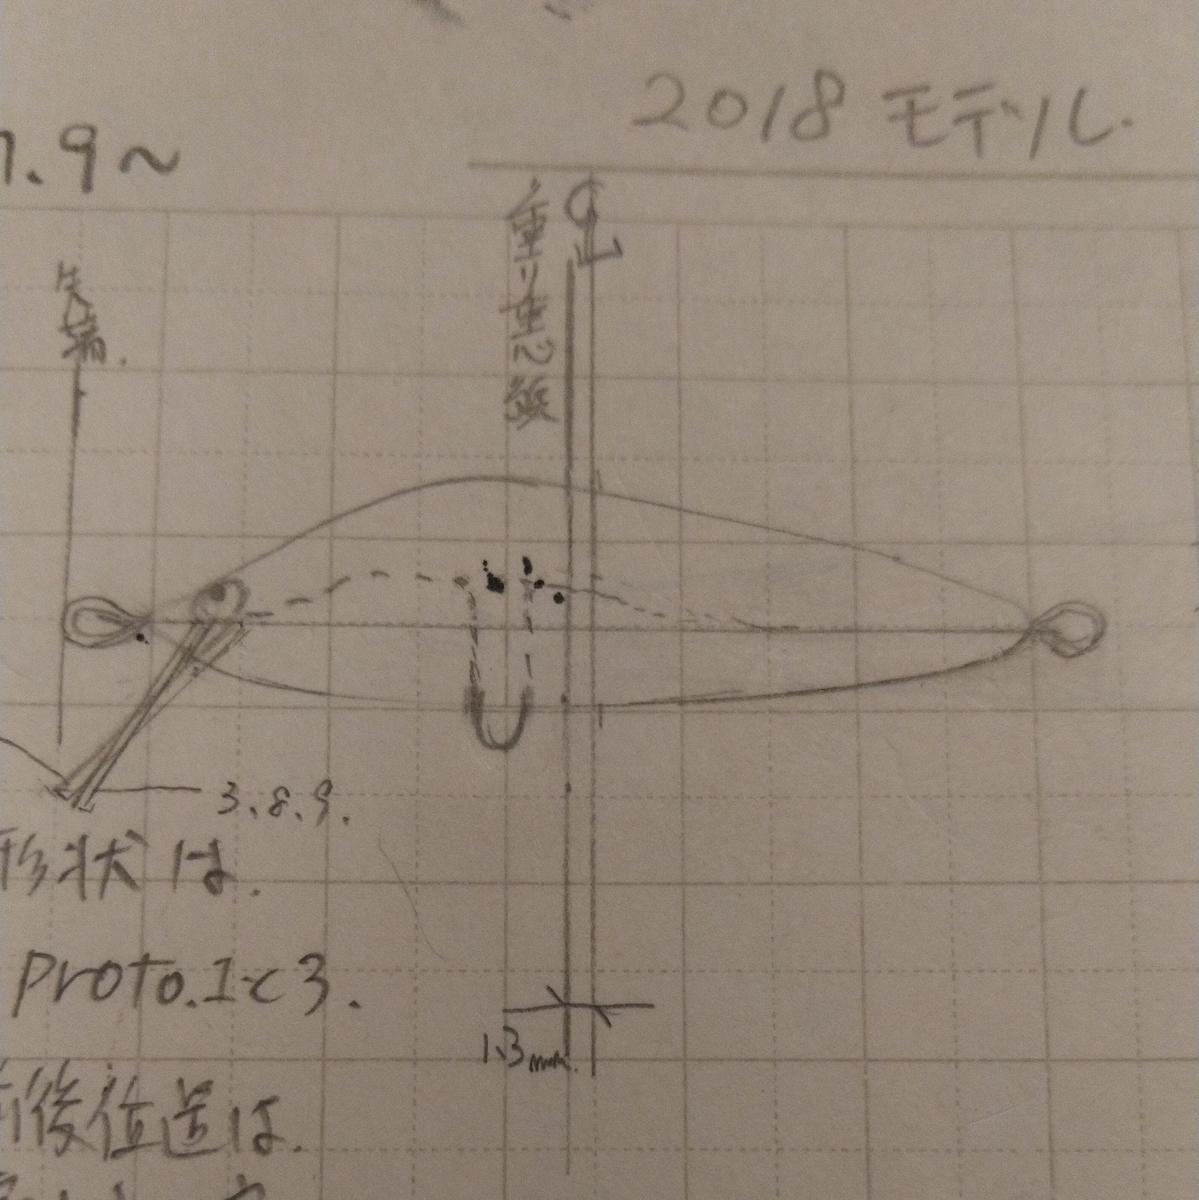 f:id:nagaratossi:20200426150156j:plain